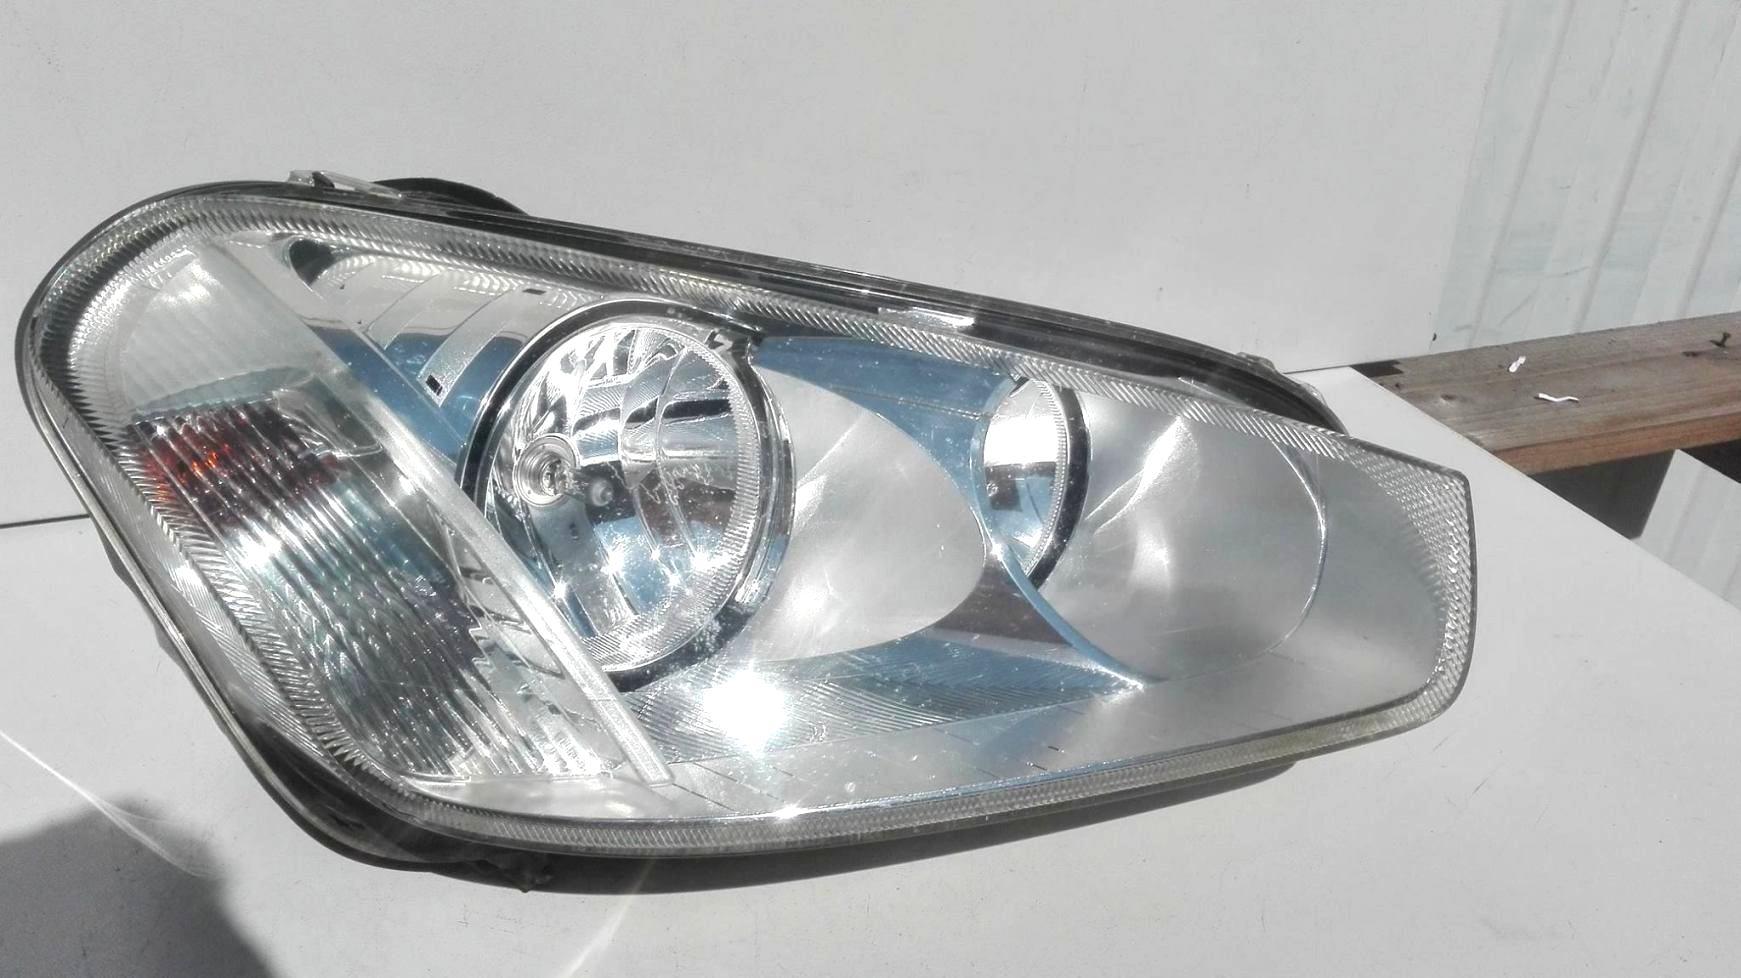 Ford C Max Prawa Lampa Przód Zwykła Części Karoserii